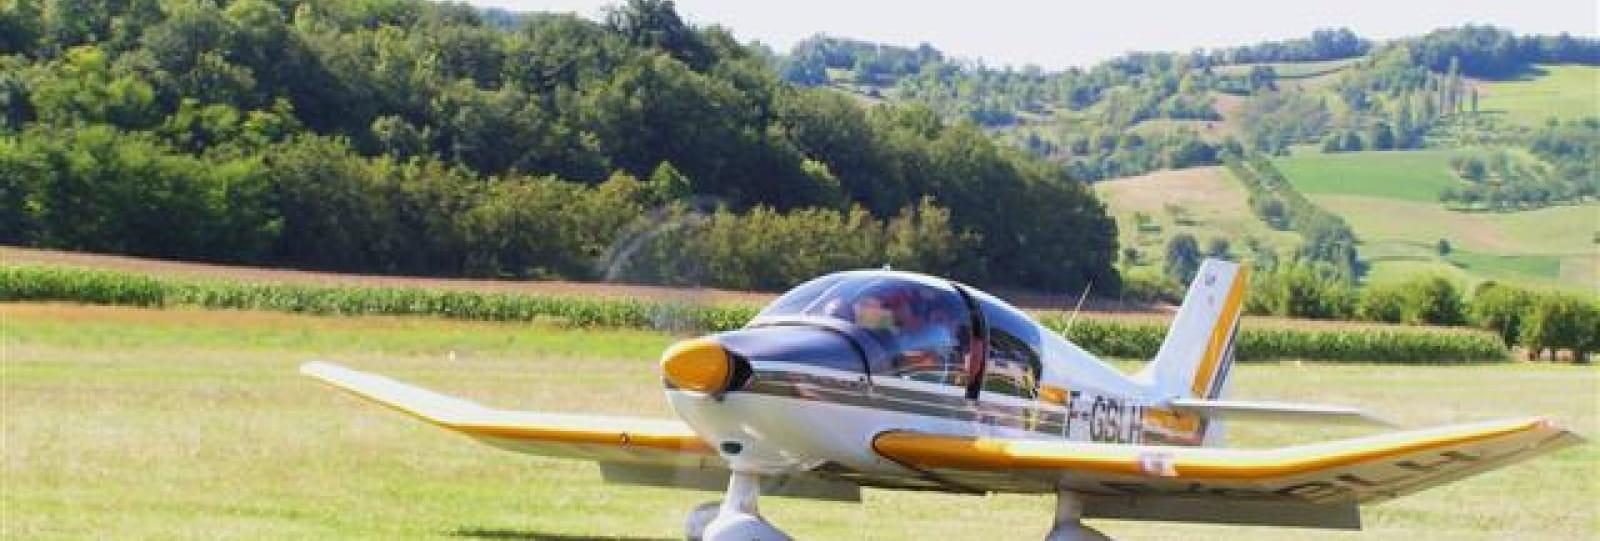 Baptème de l'air aéroclub du Royans Vercors